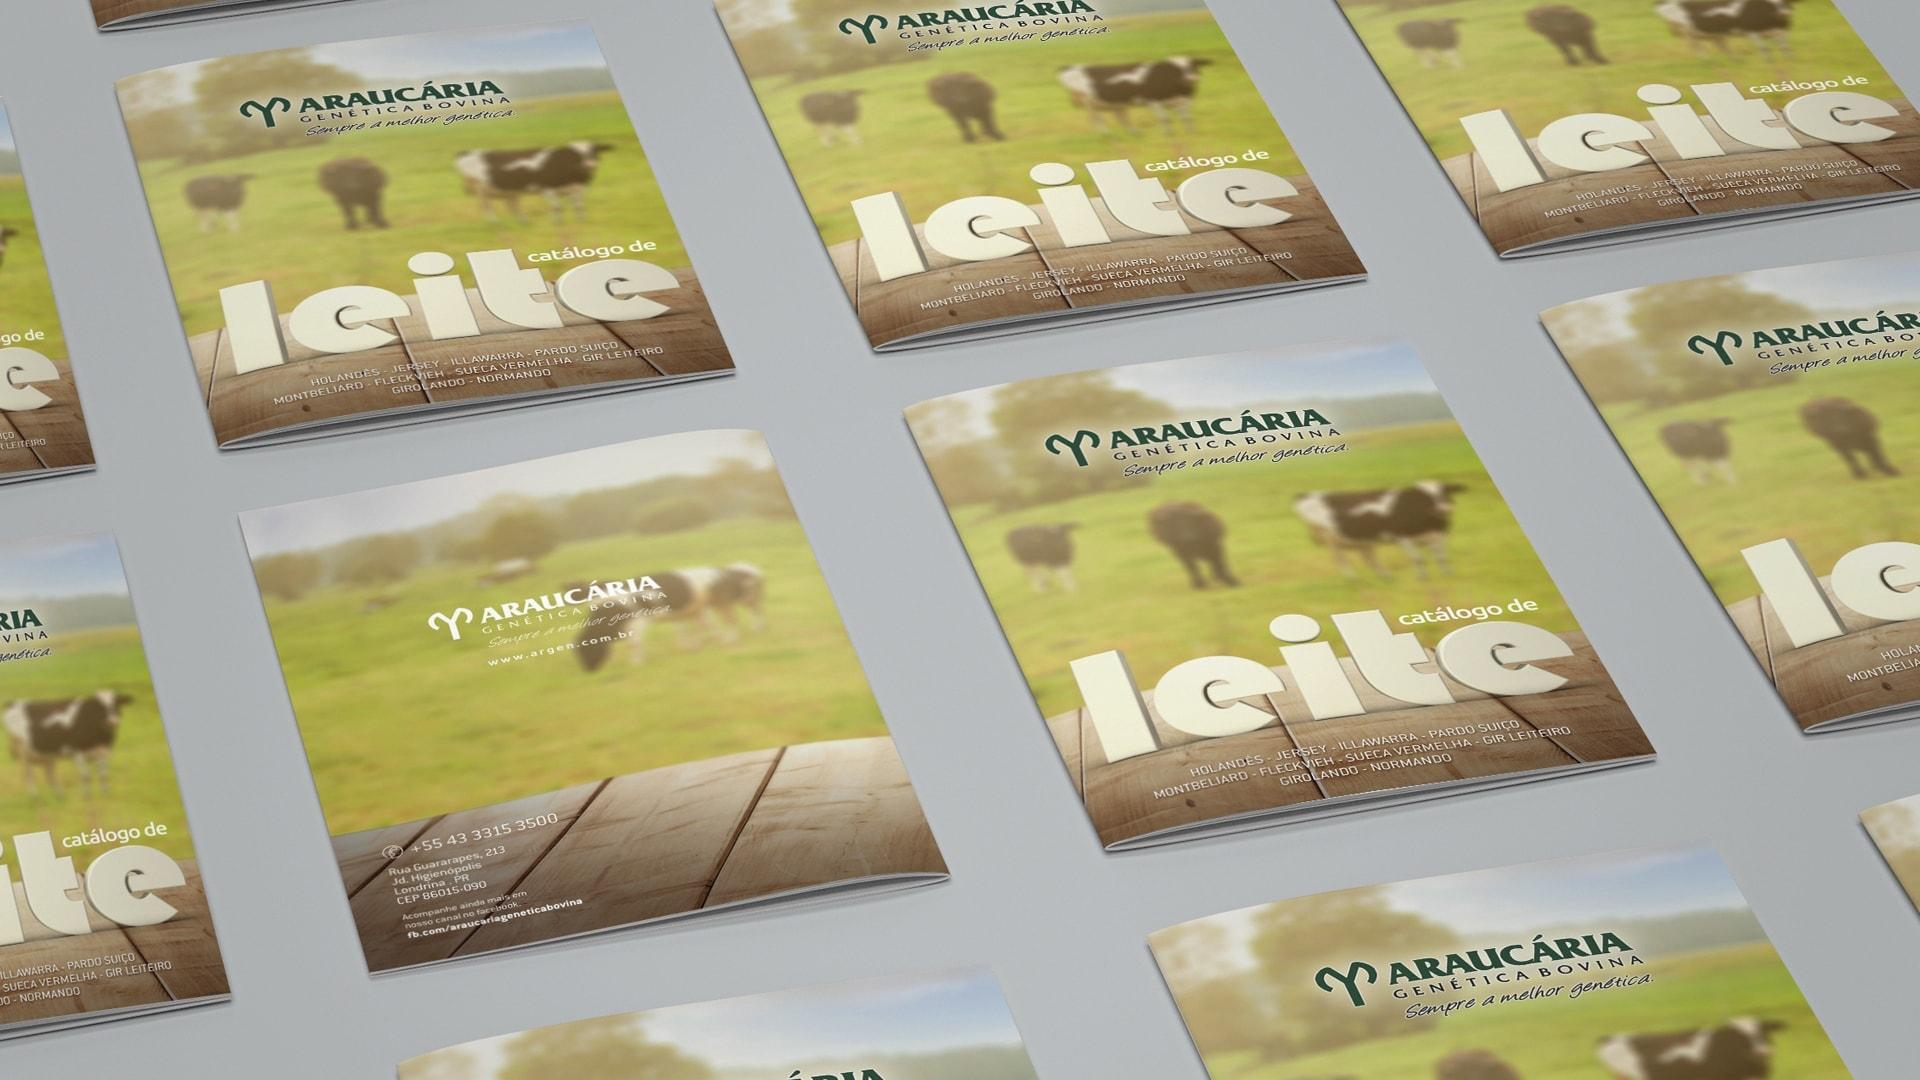 Lançamento do catálogo de leite